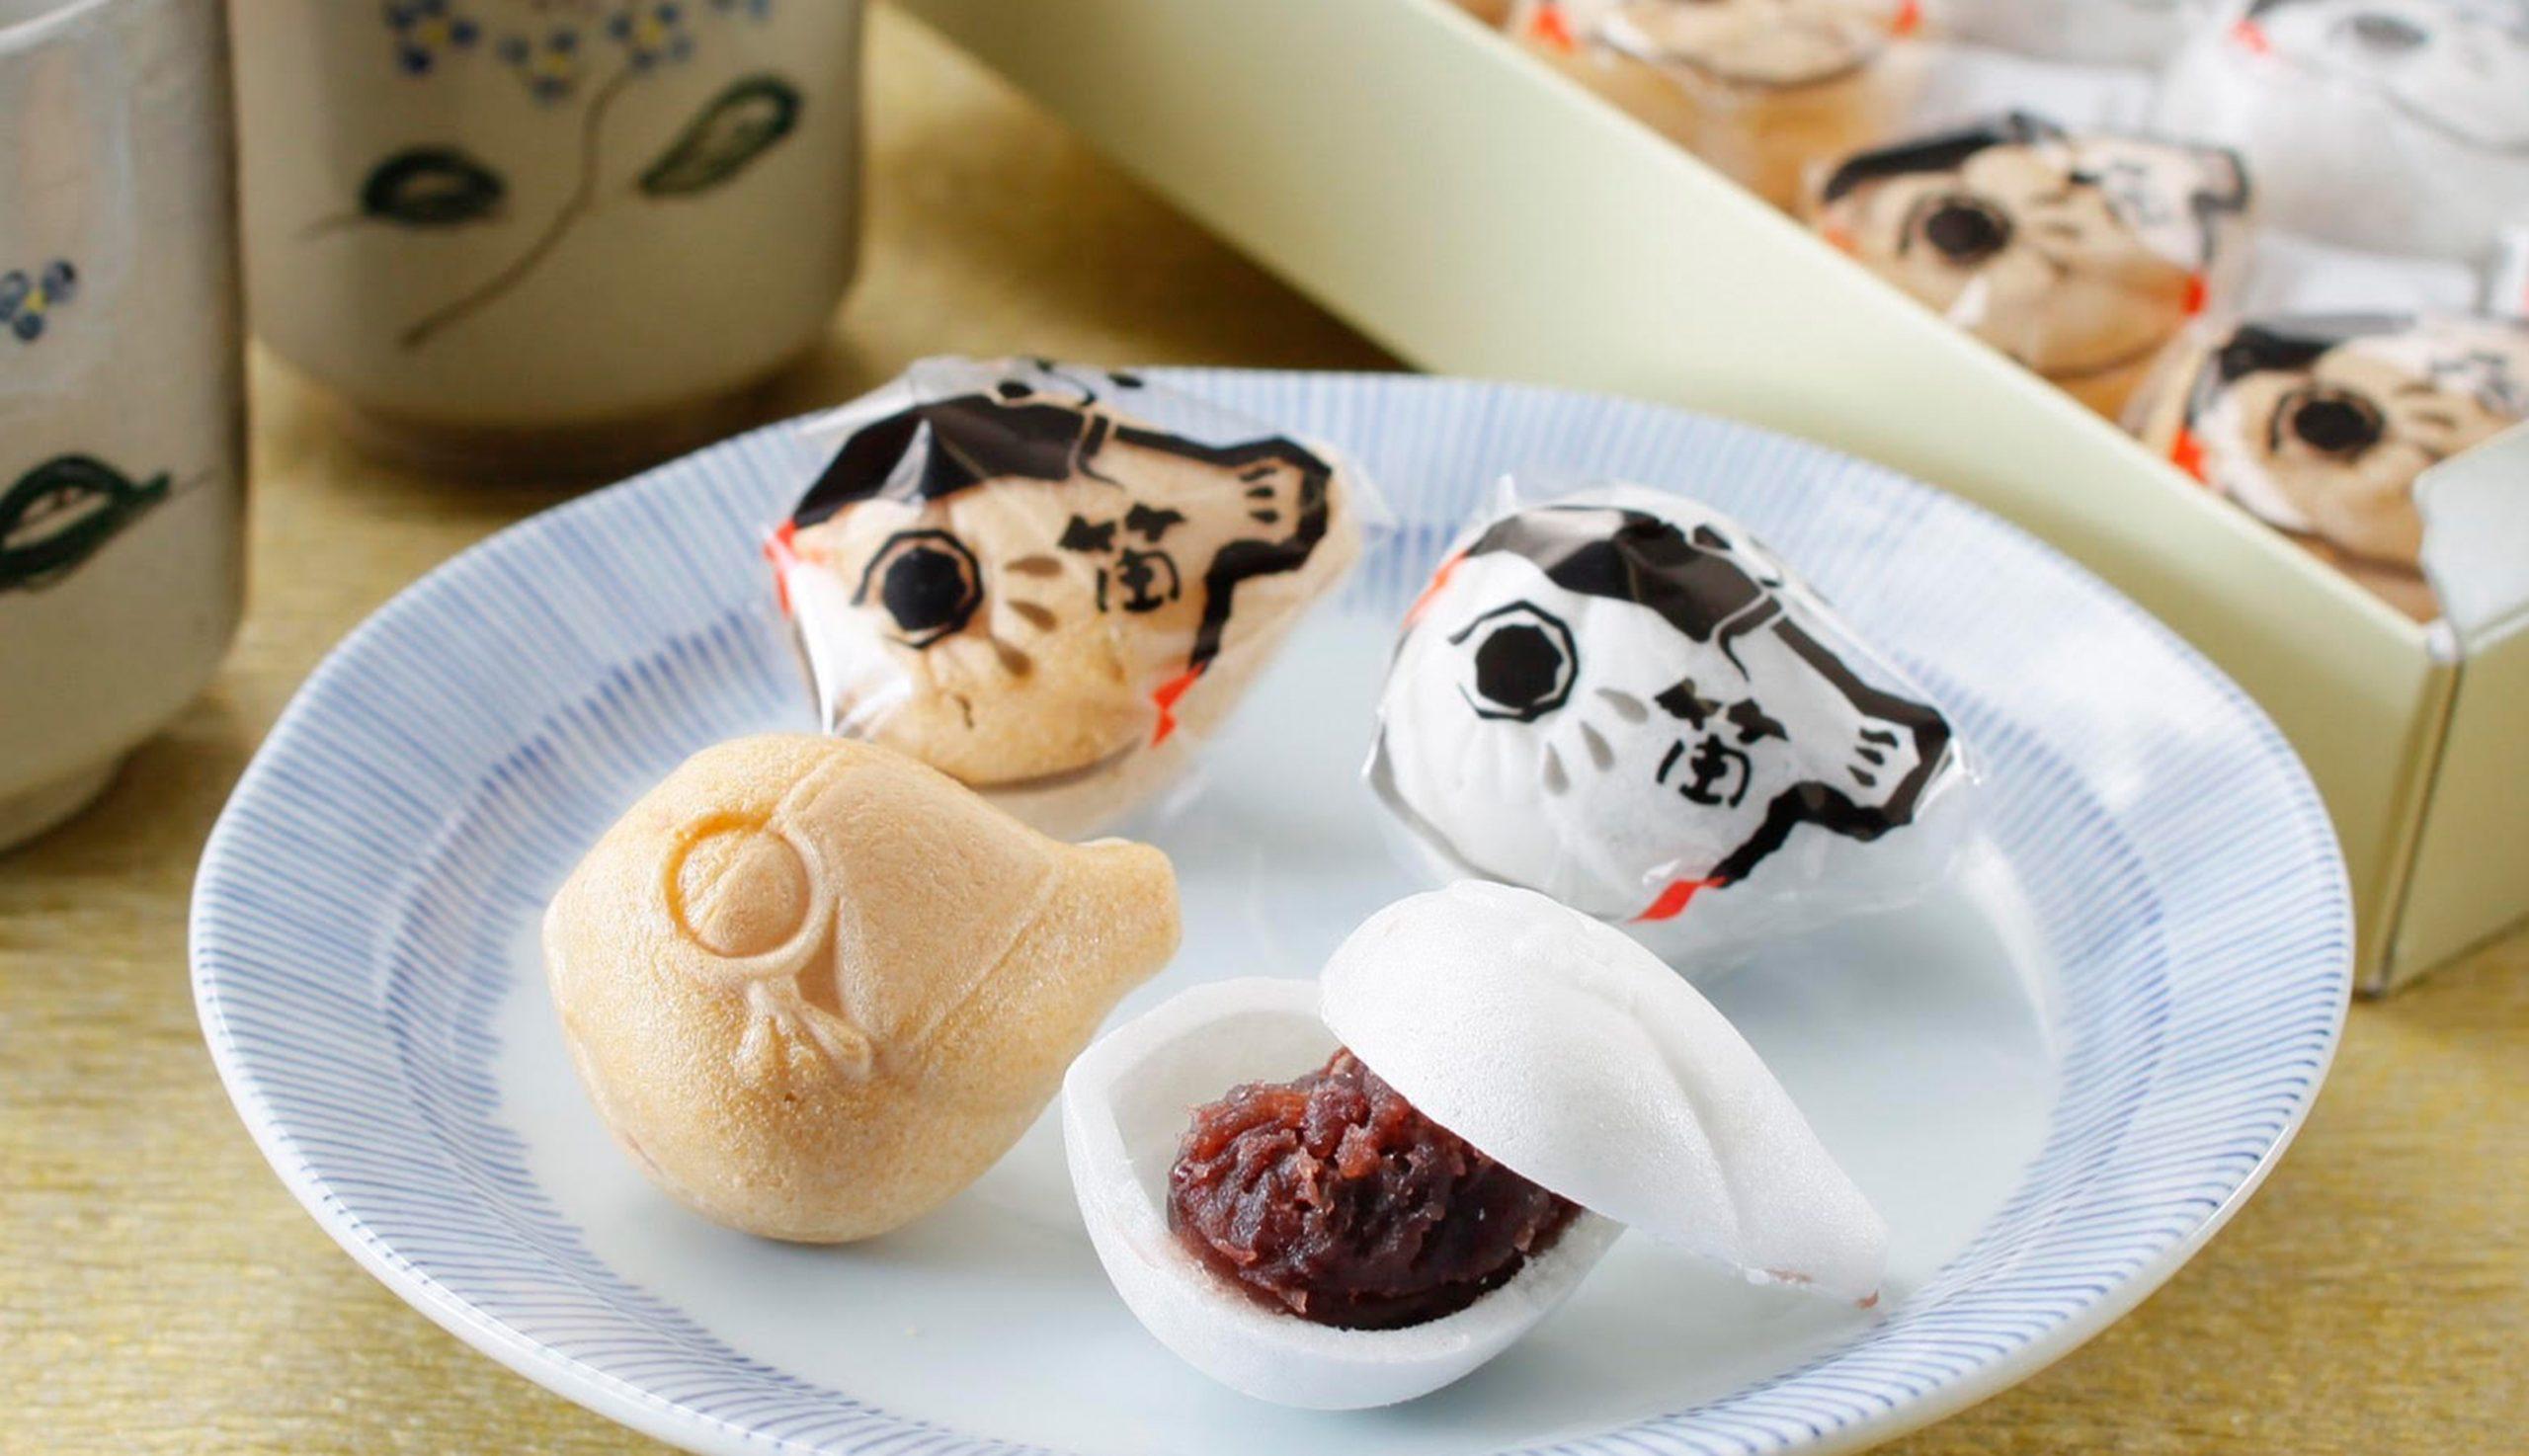 下関・亀山八幡宮で「いいふくの日」を記念したイベントが開催